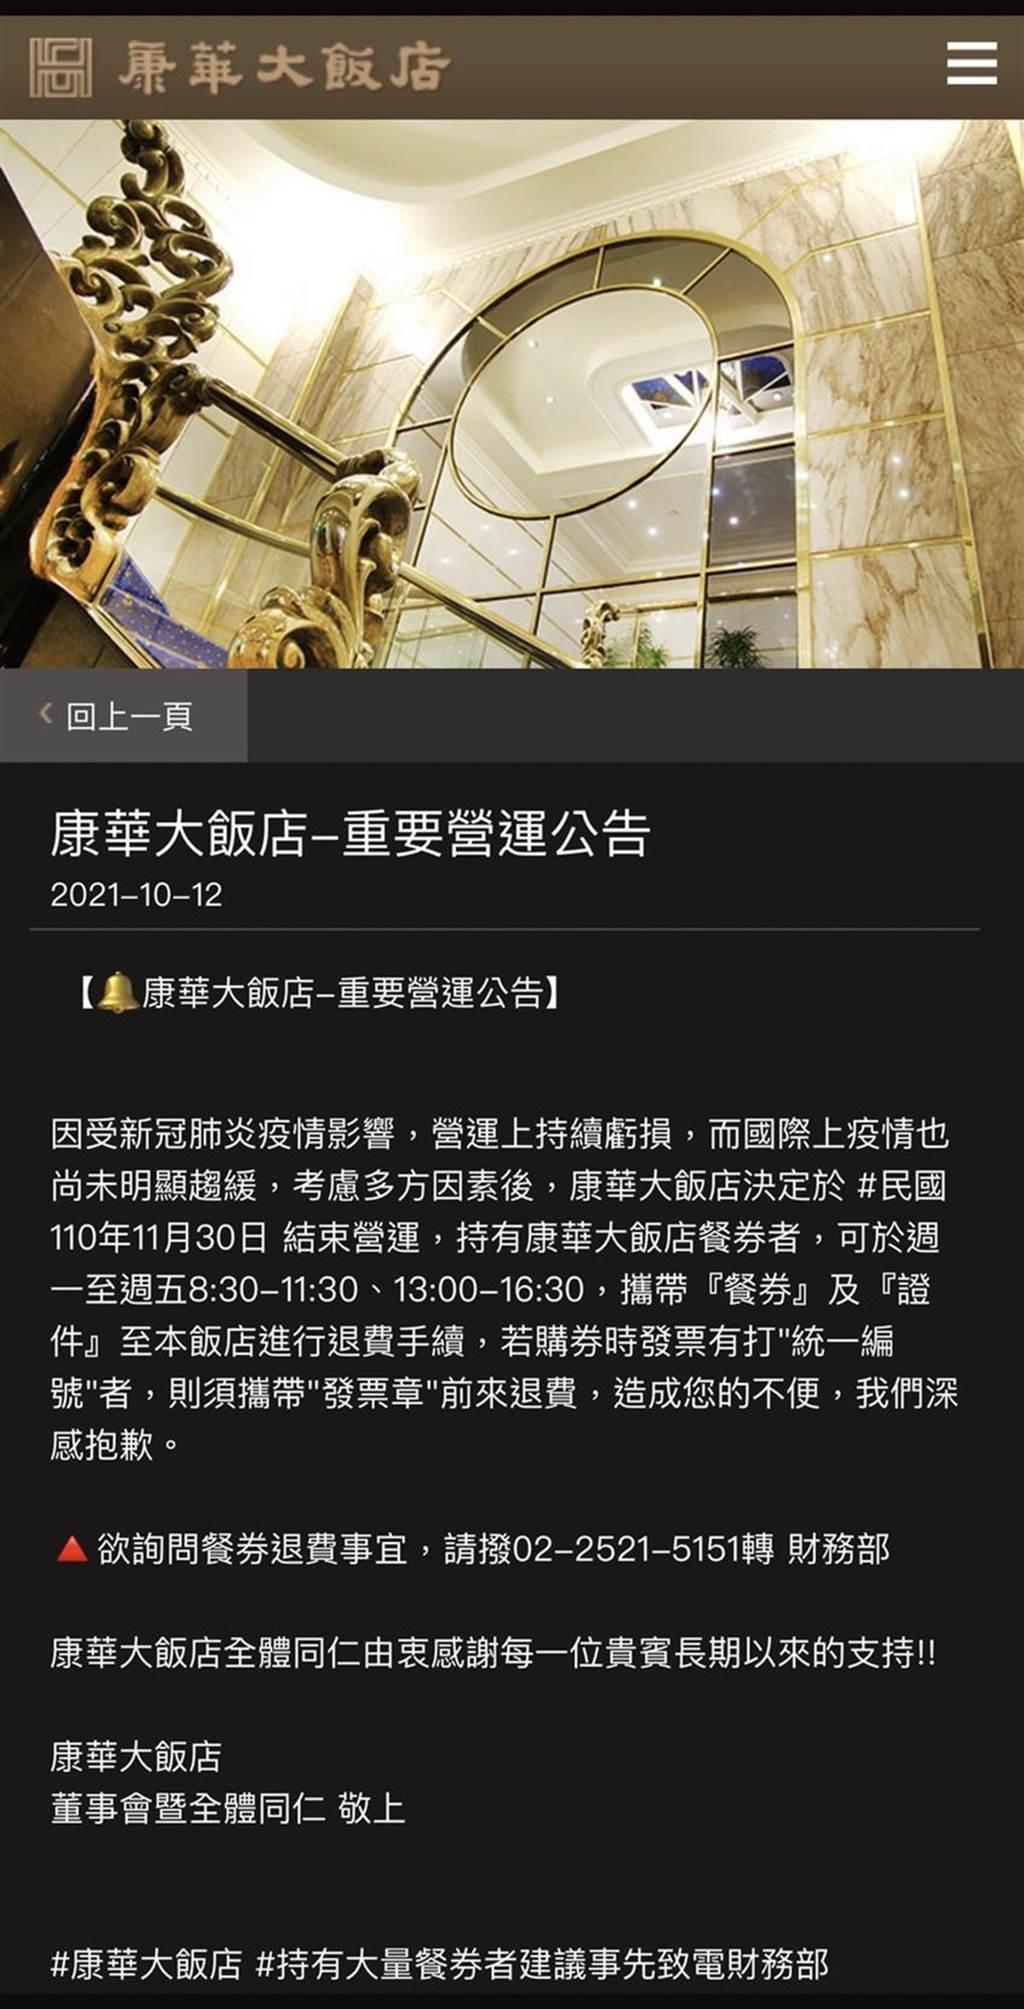 (立足市場40年的台北康華飯店不敵疫情,於官網宣告將於11月底結束營運。圖/擷取自康華飯店臉書)